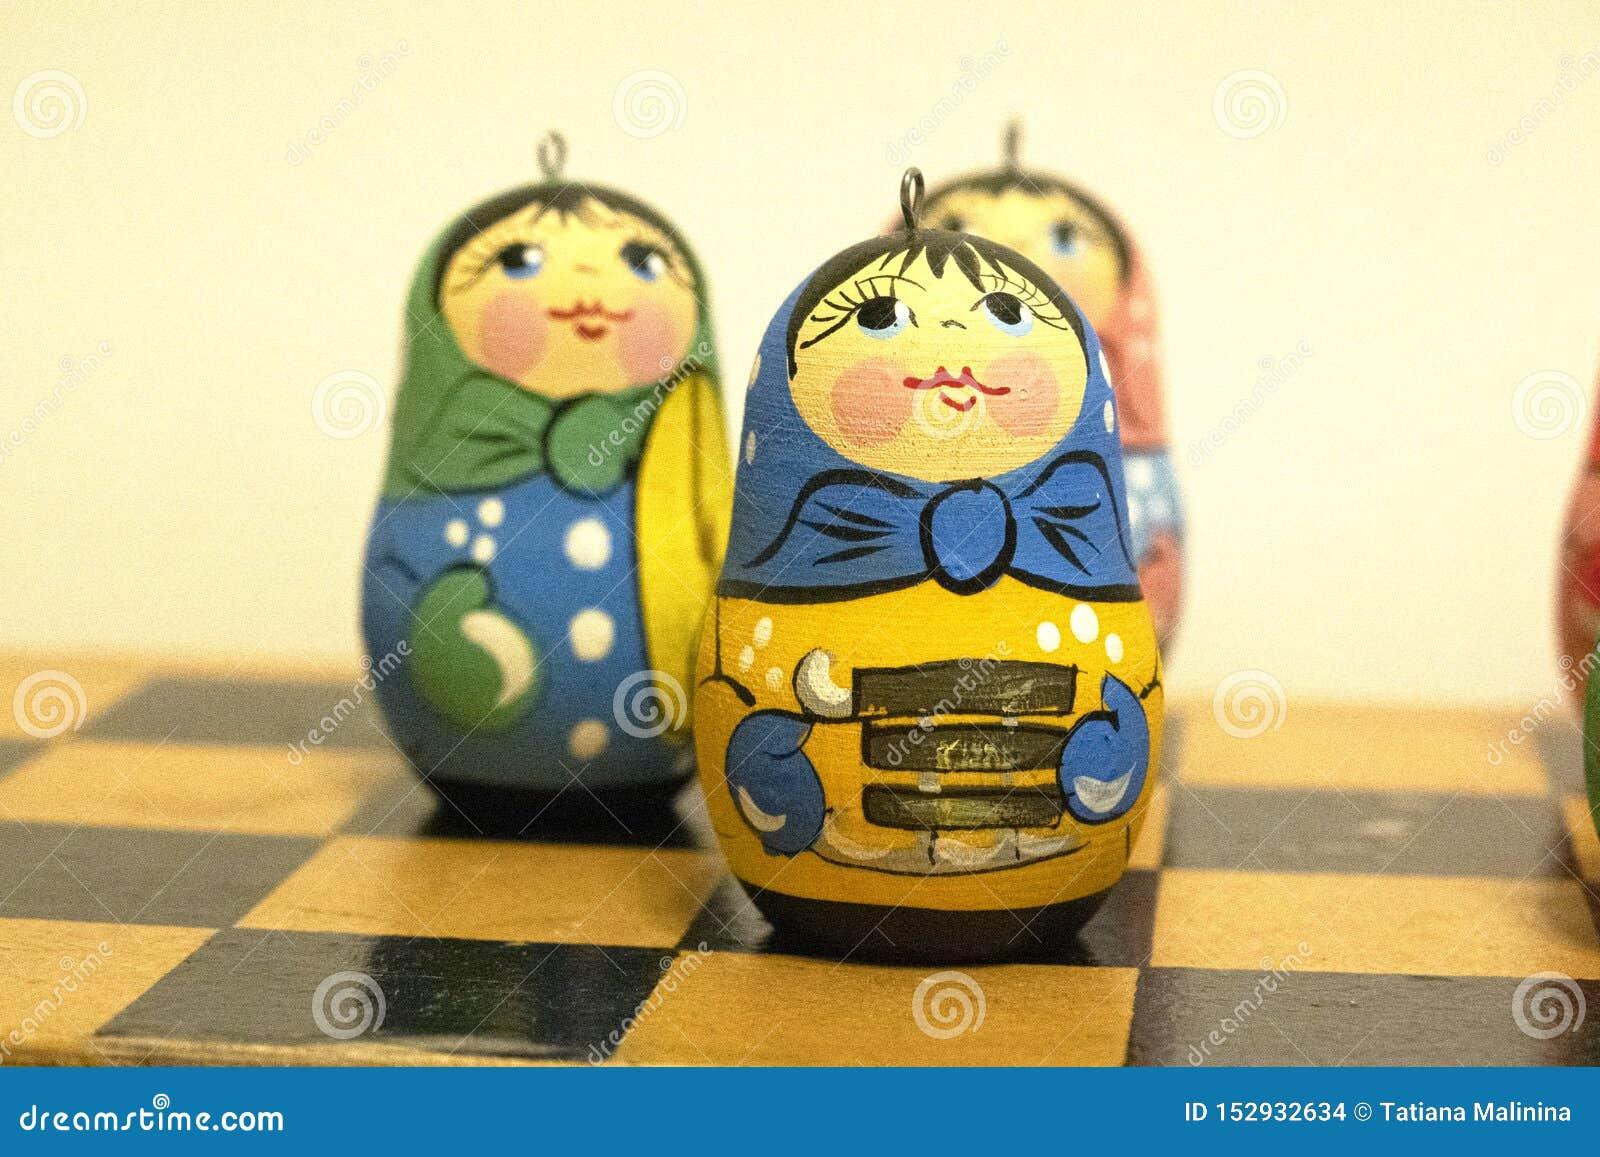 Brinquedos do ano novo s, bonecas pequenas do russo, brinquedos brilhantes, celebração